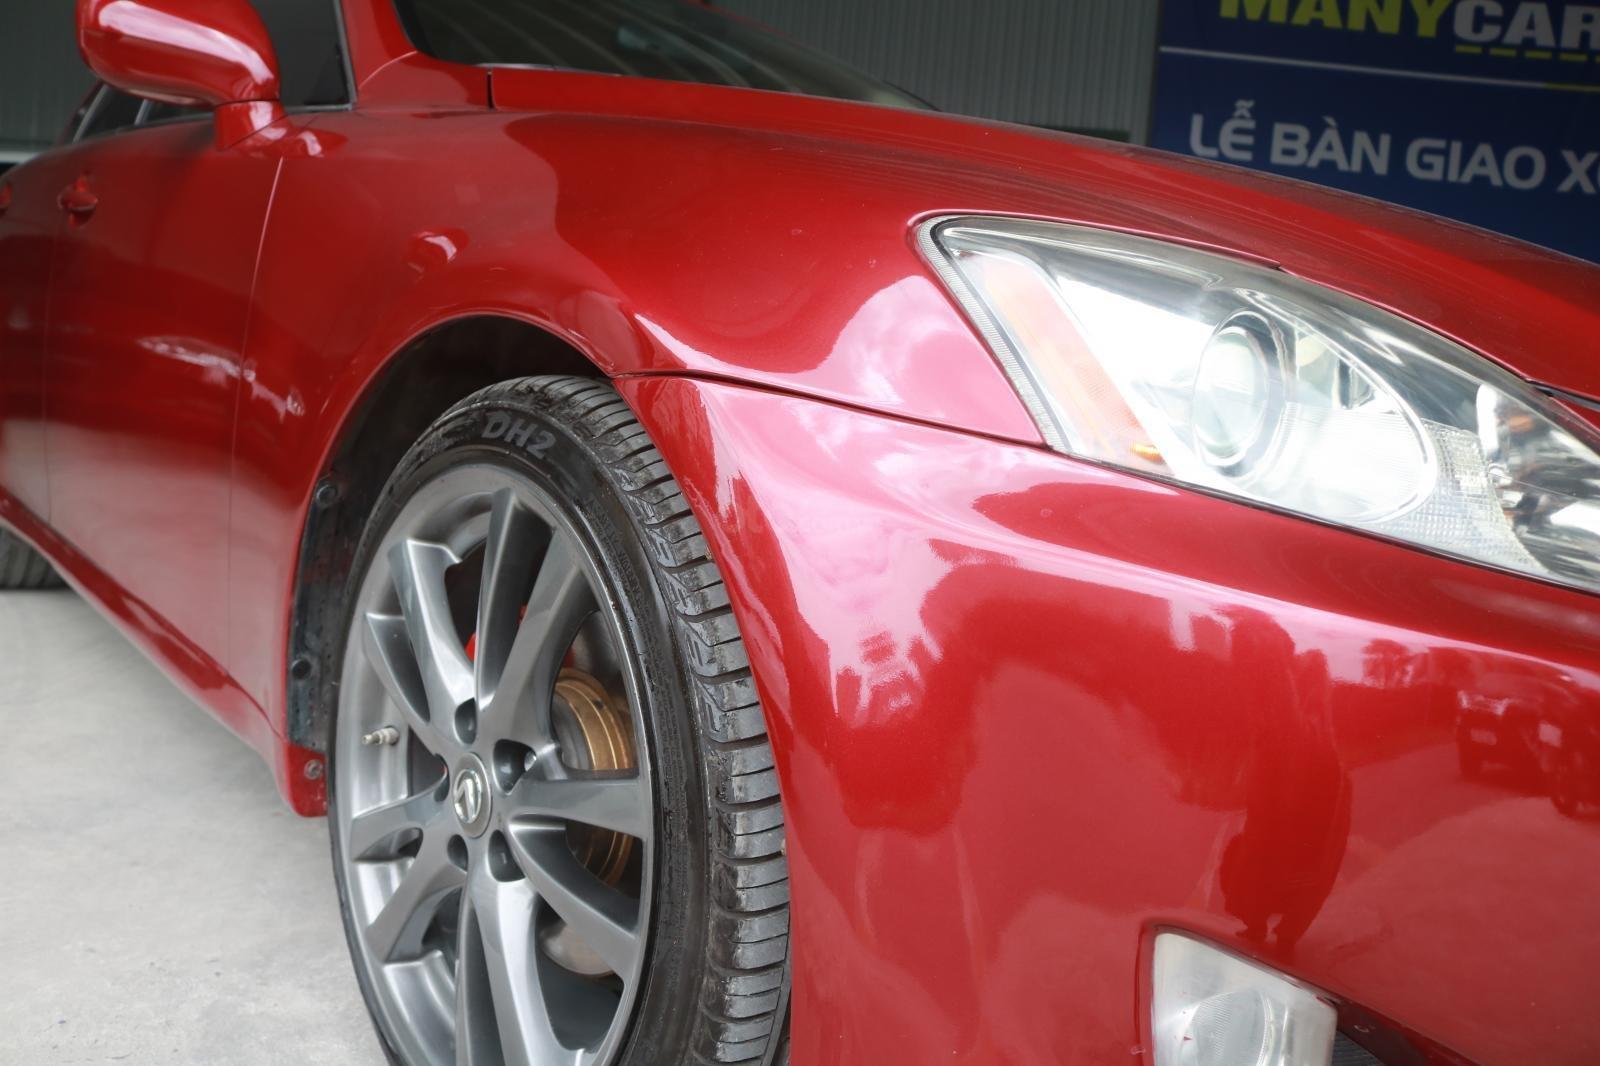 Cần bán xe Lexus LS250 đời 2008, màu đỏ (12)